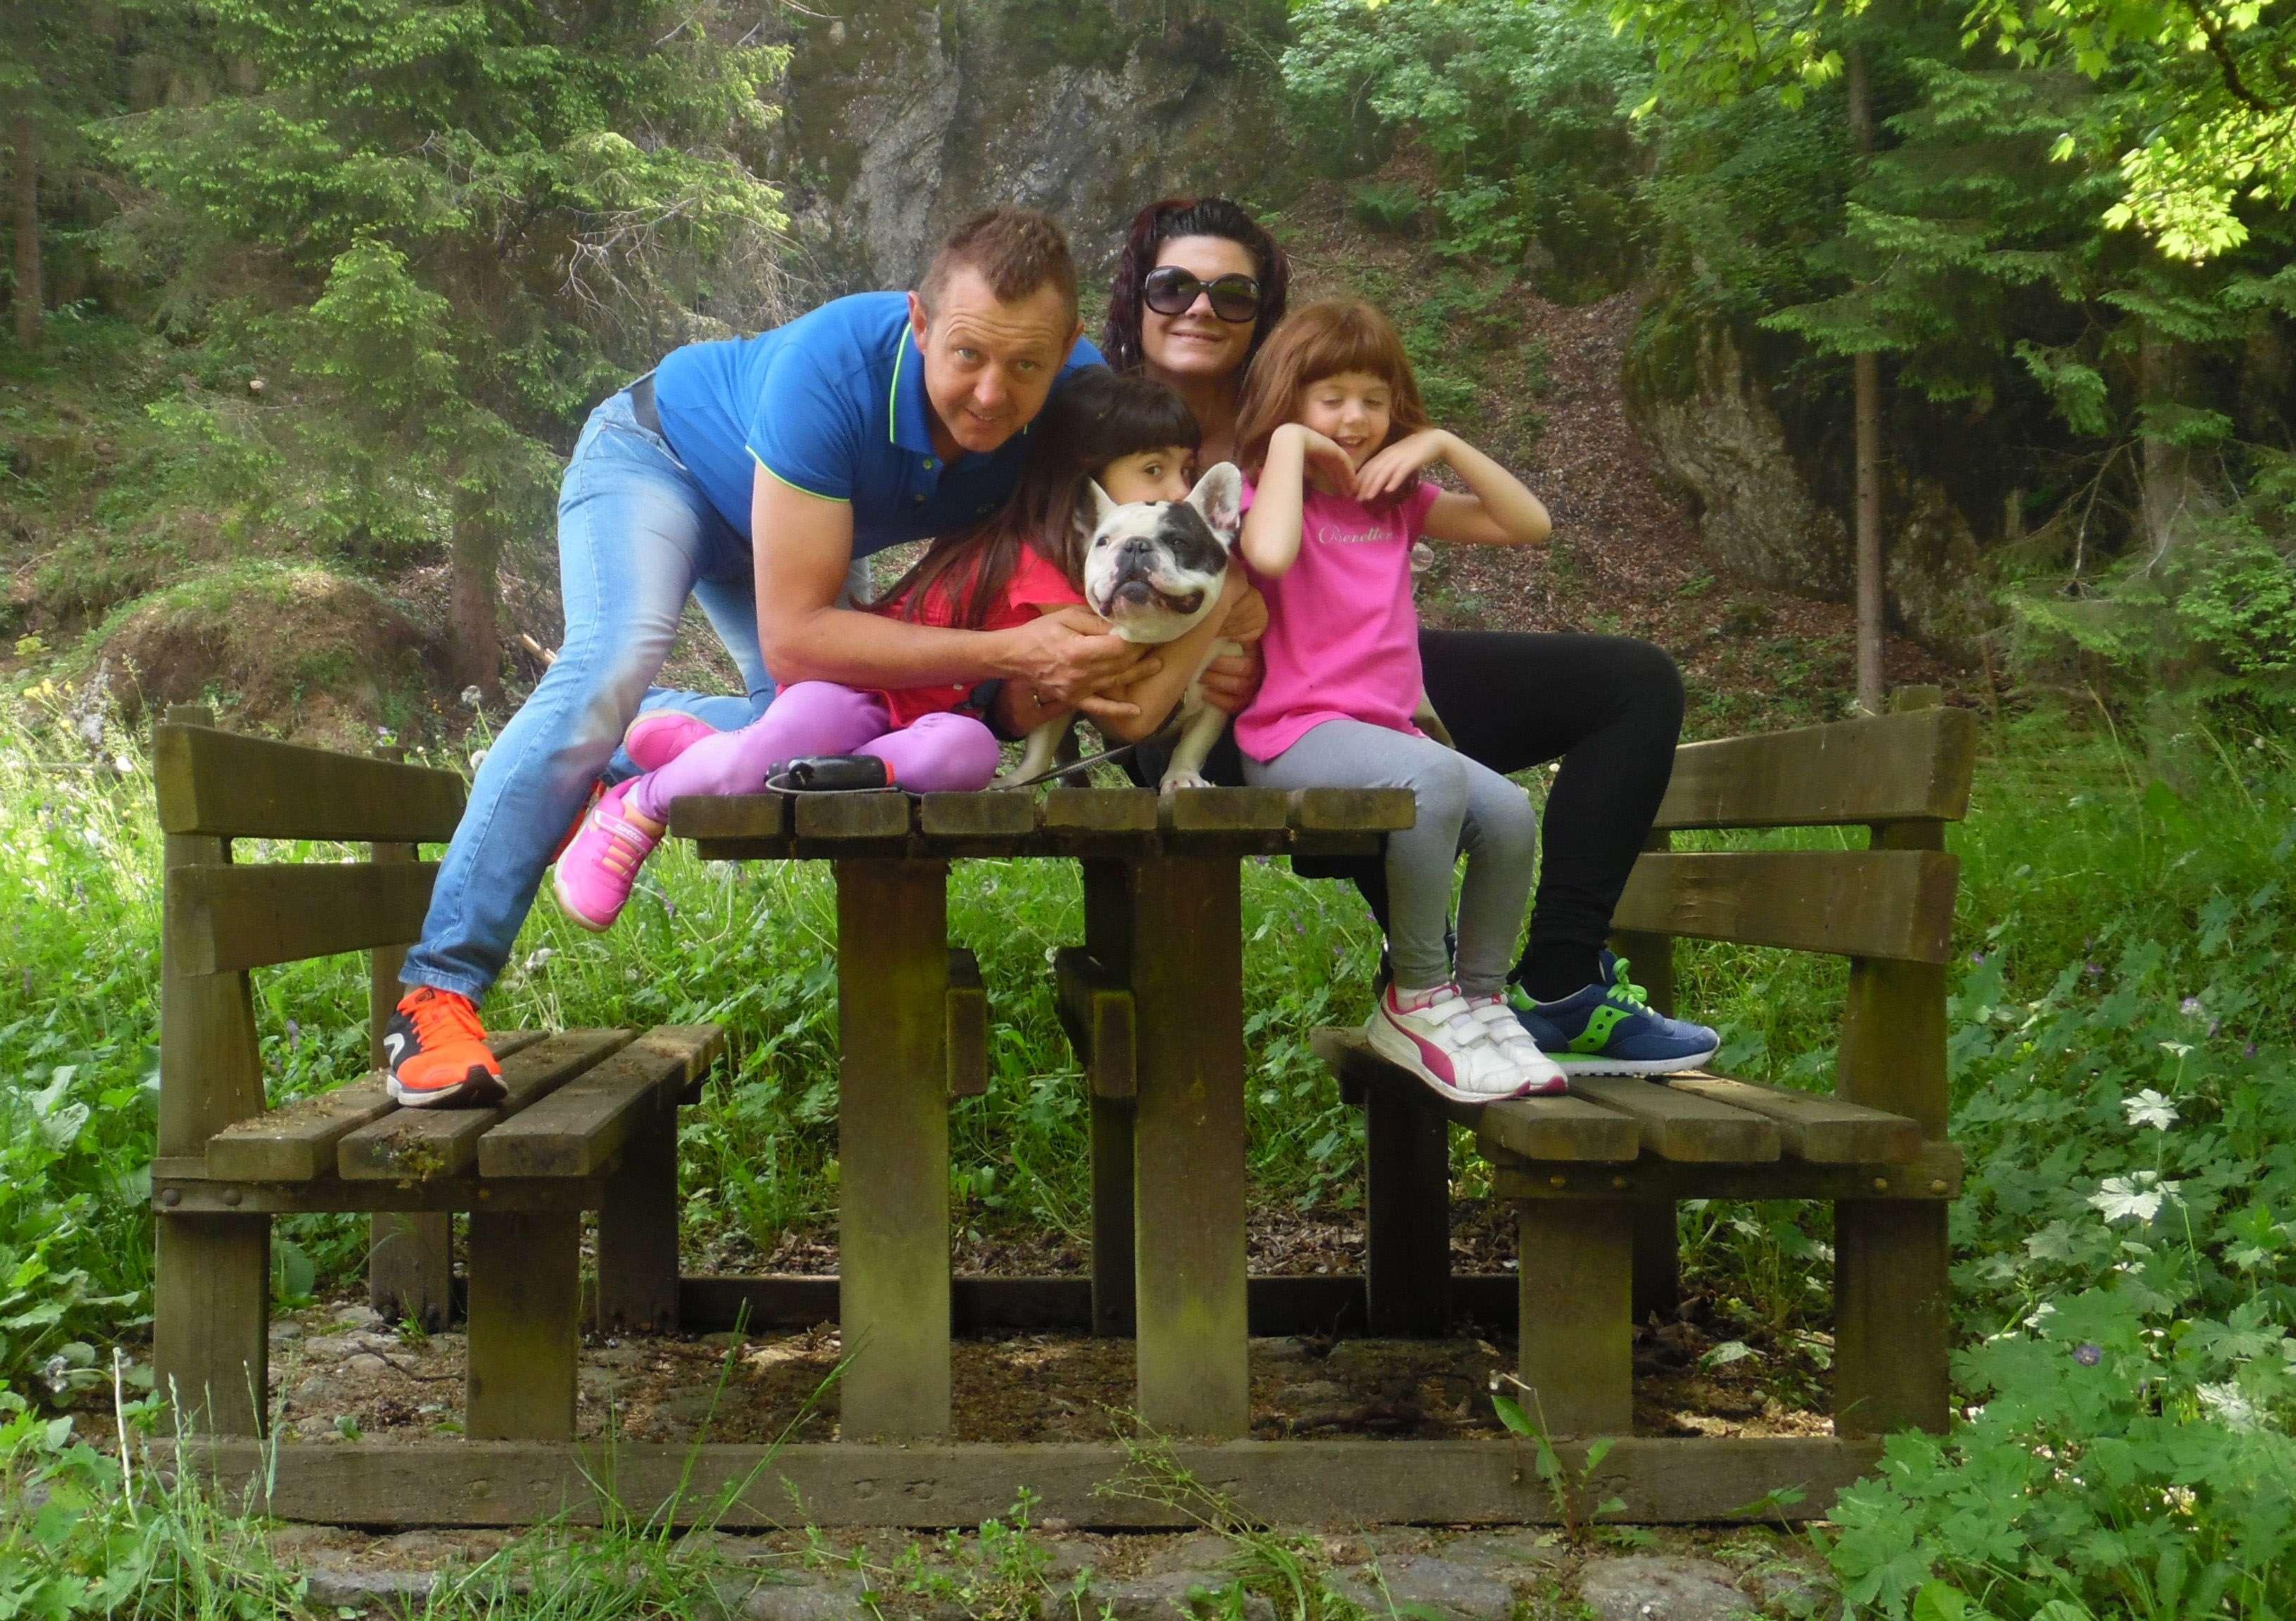 Il bouledogue francese Spike con tutta la sua bellissima famiglia